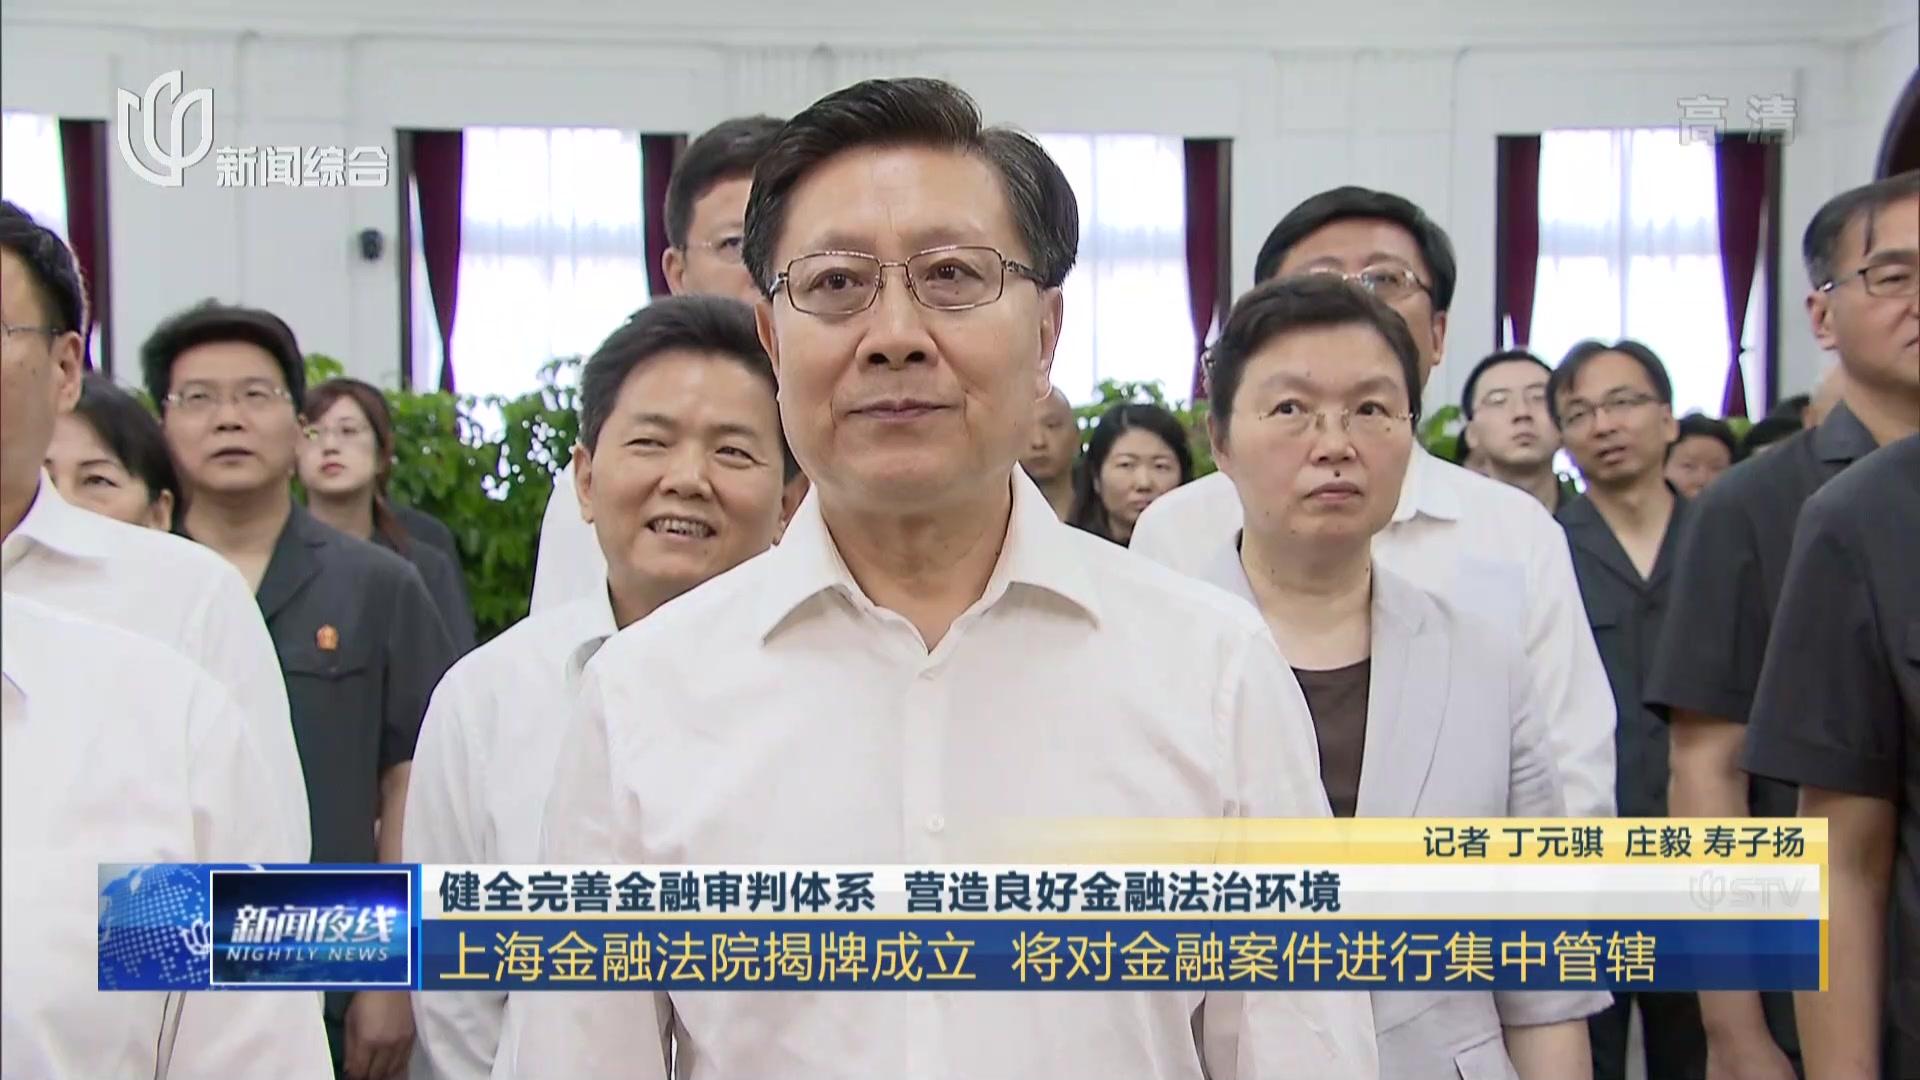 健全完善金融审判体系  营造良好金融法治环境:上海金融法院揭牌成立  将对金融案件进行集中管辖